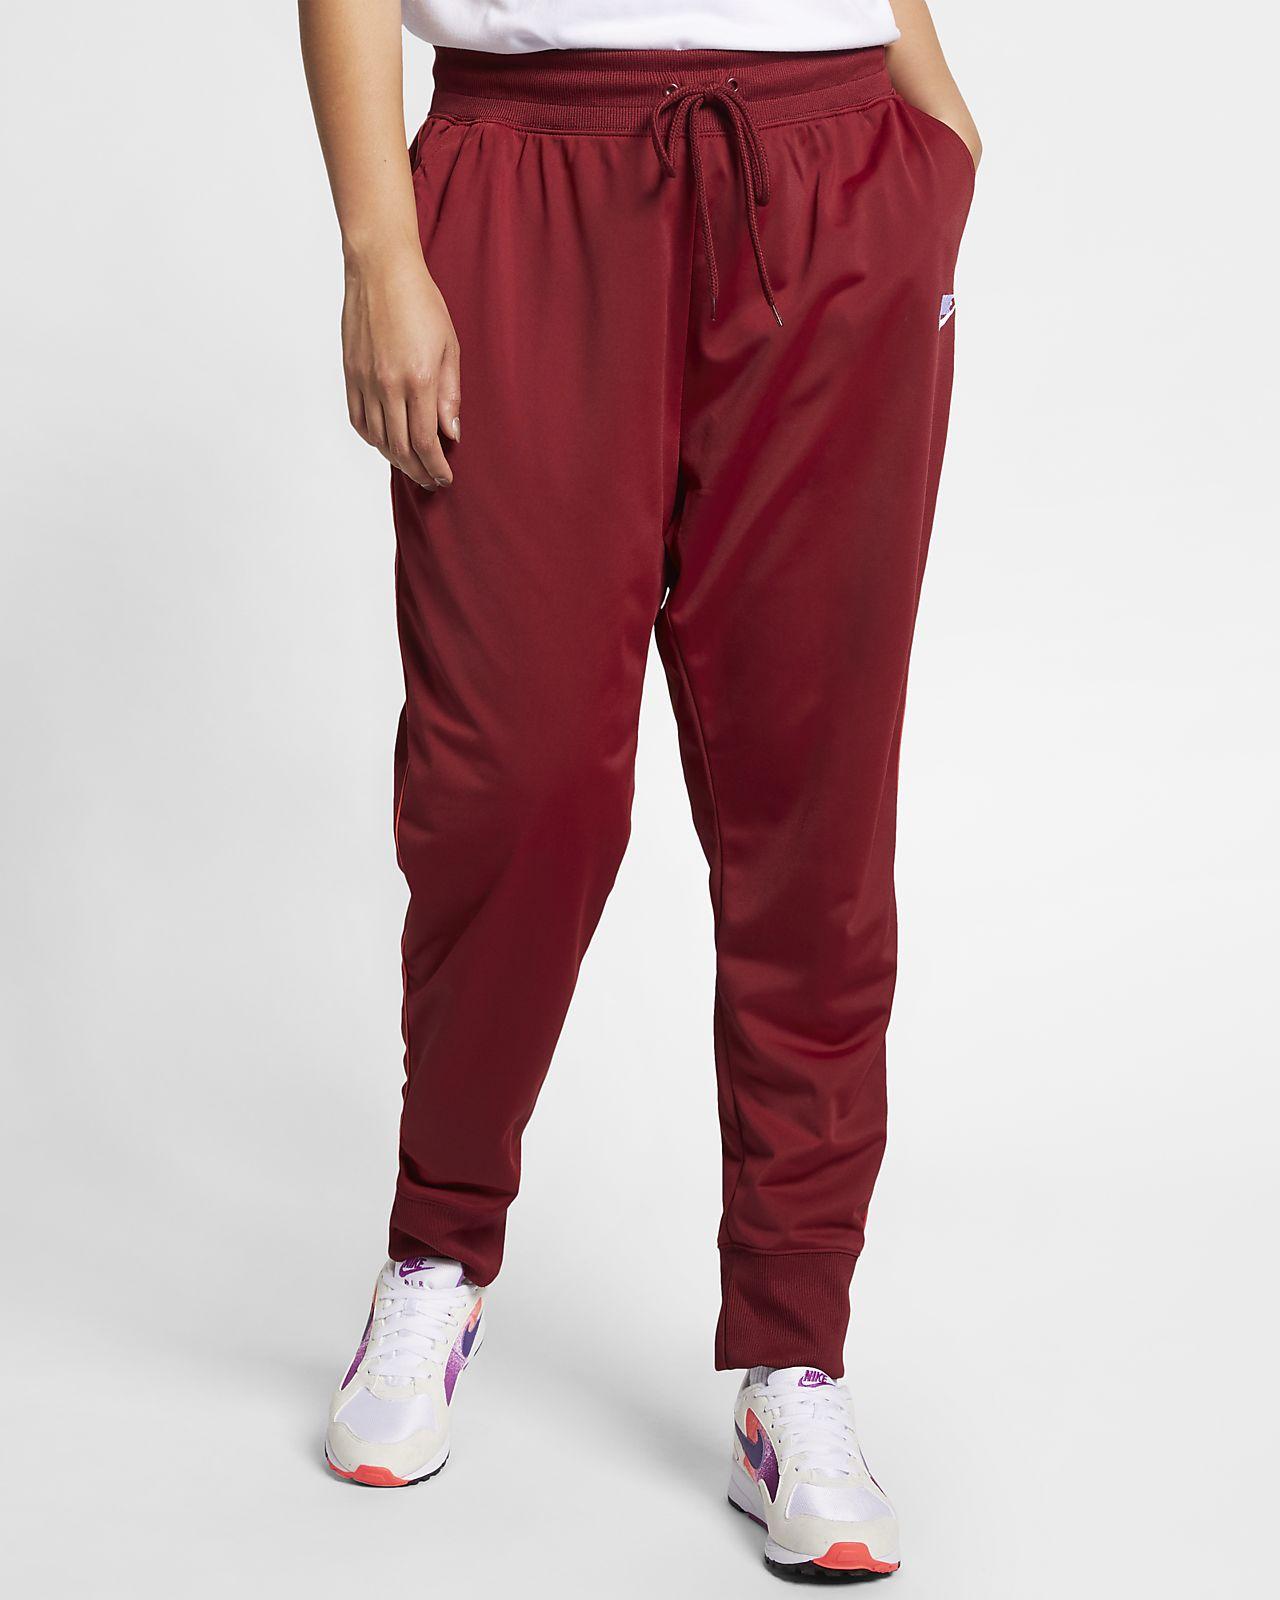 Roze Joggingbroek Dames.Nike Sportswear Heritage Joggingbroek Voor Dames Grote Maten Nike